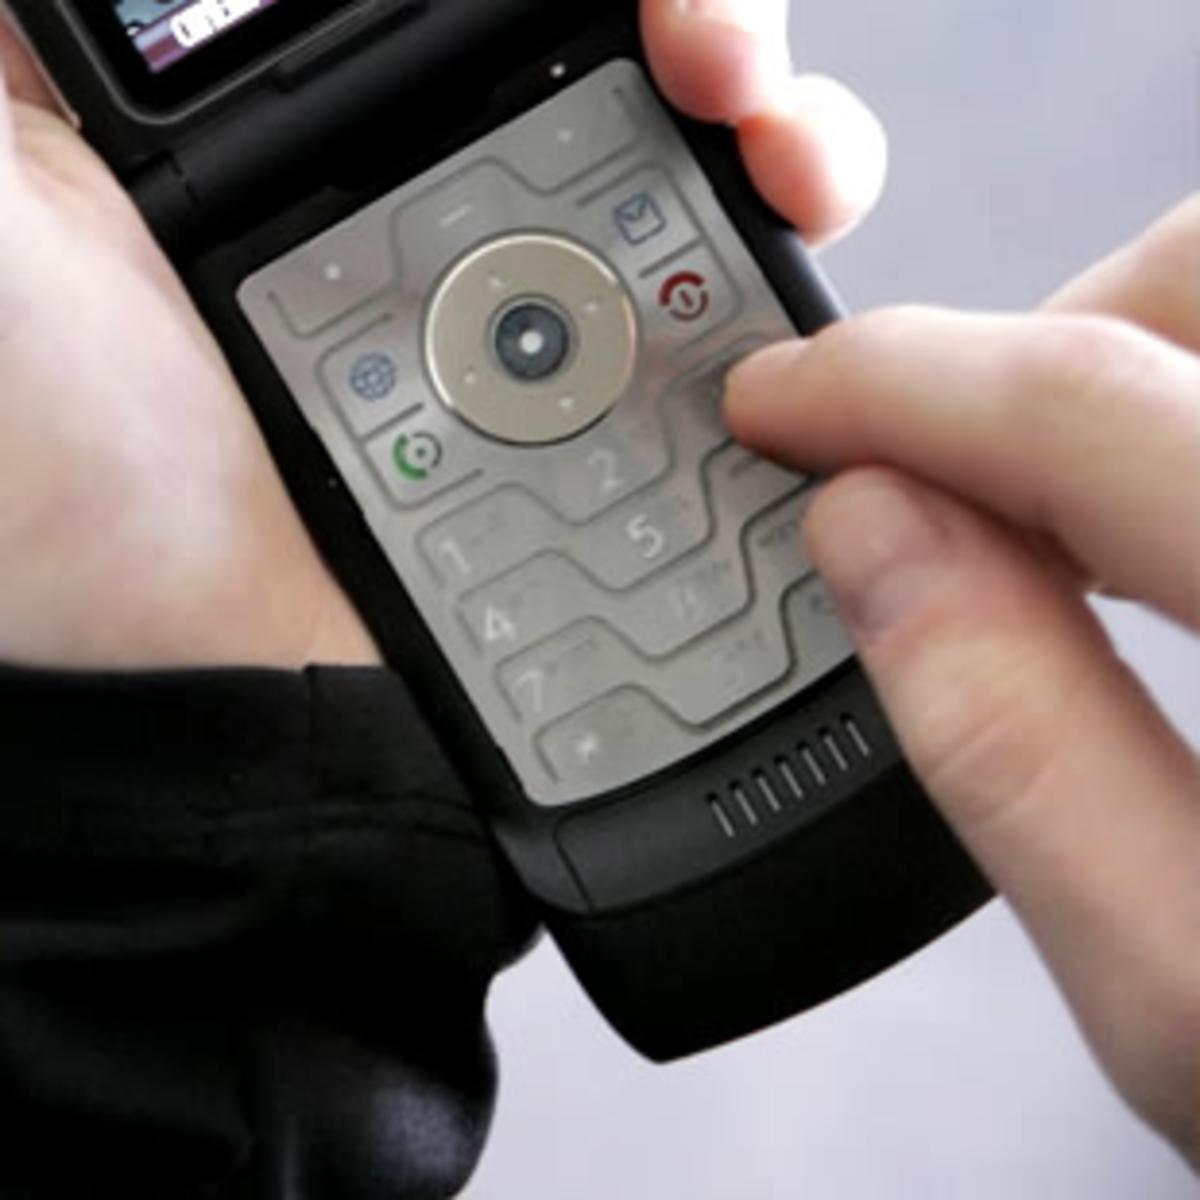 Κινητοποιήσεις σε Vodafone και Wind | Newsit.gr